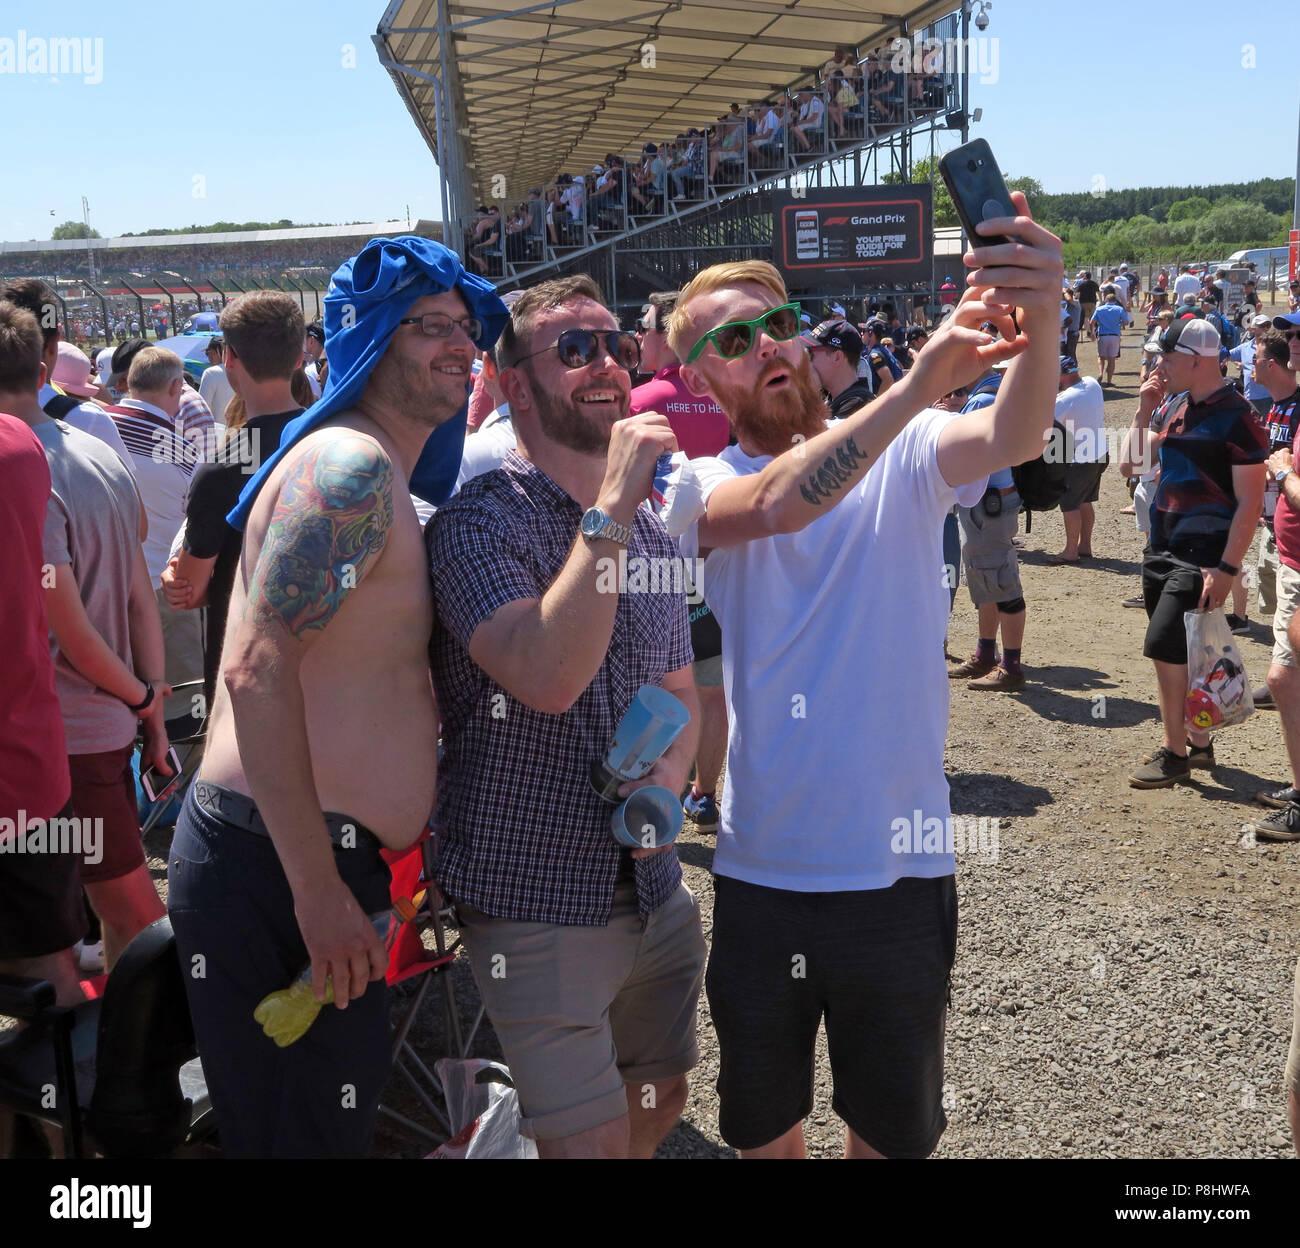 Dieses Stockfoto: Allgemeine Aufnahme Zuschauer, beim britischen Grand Prix, Silverstone, Towcester, Northamptonshire, England, Großbritannien - P8HWFA